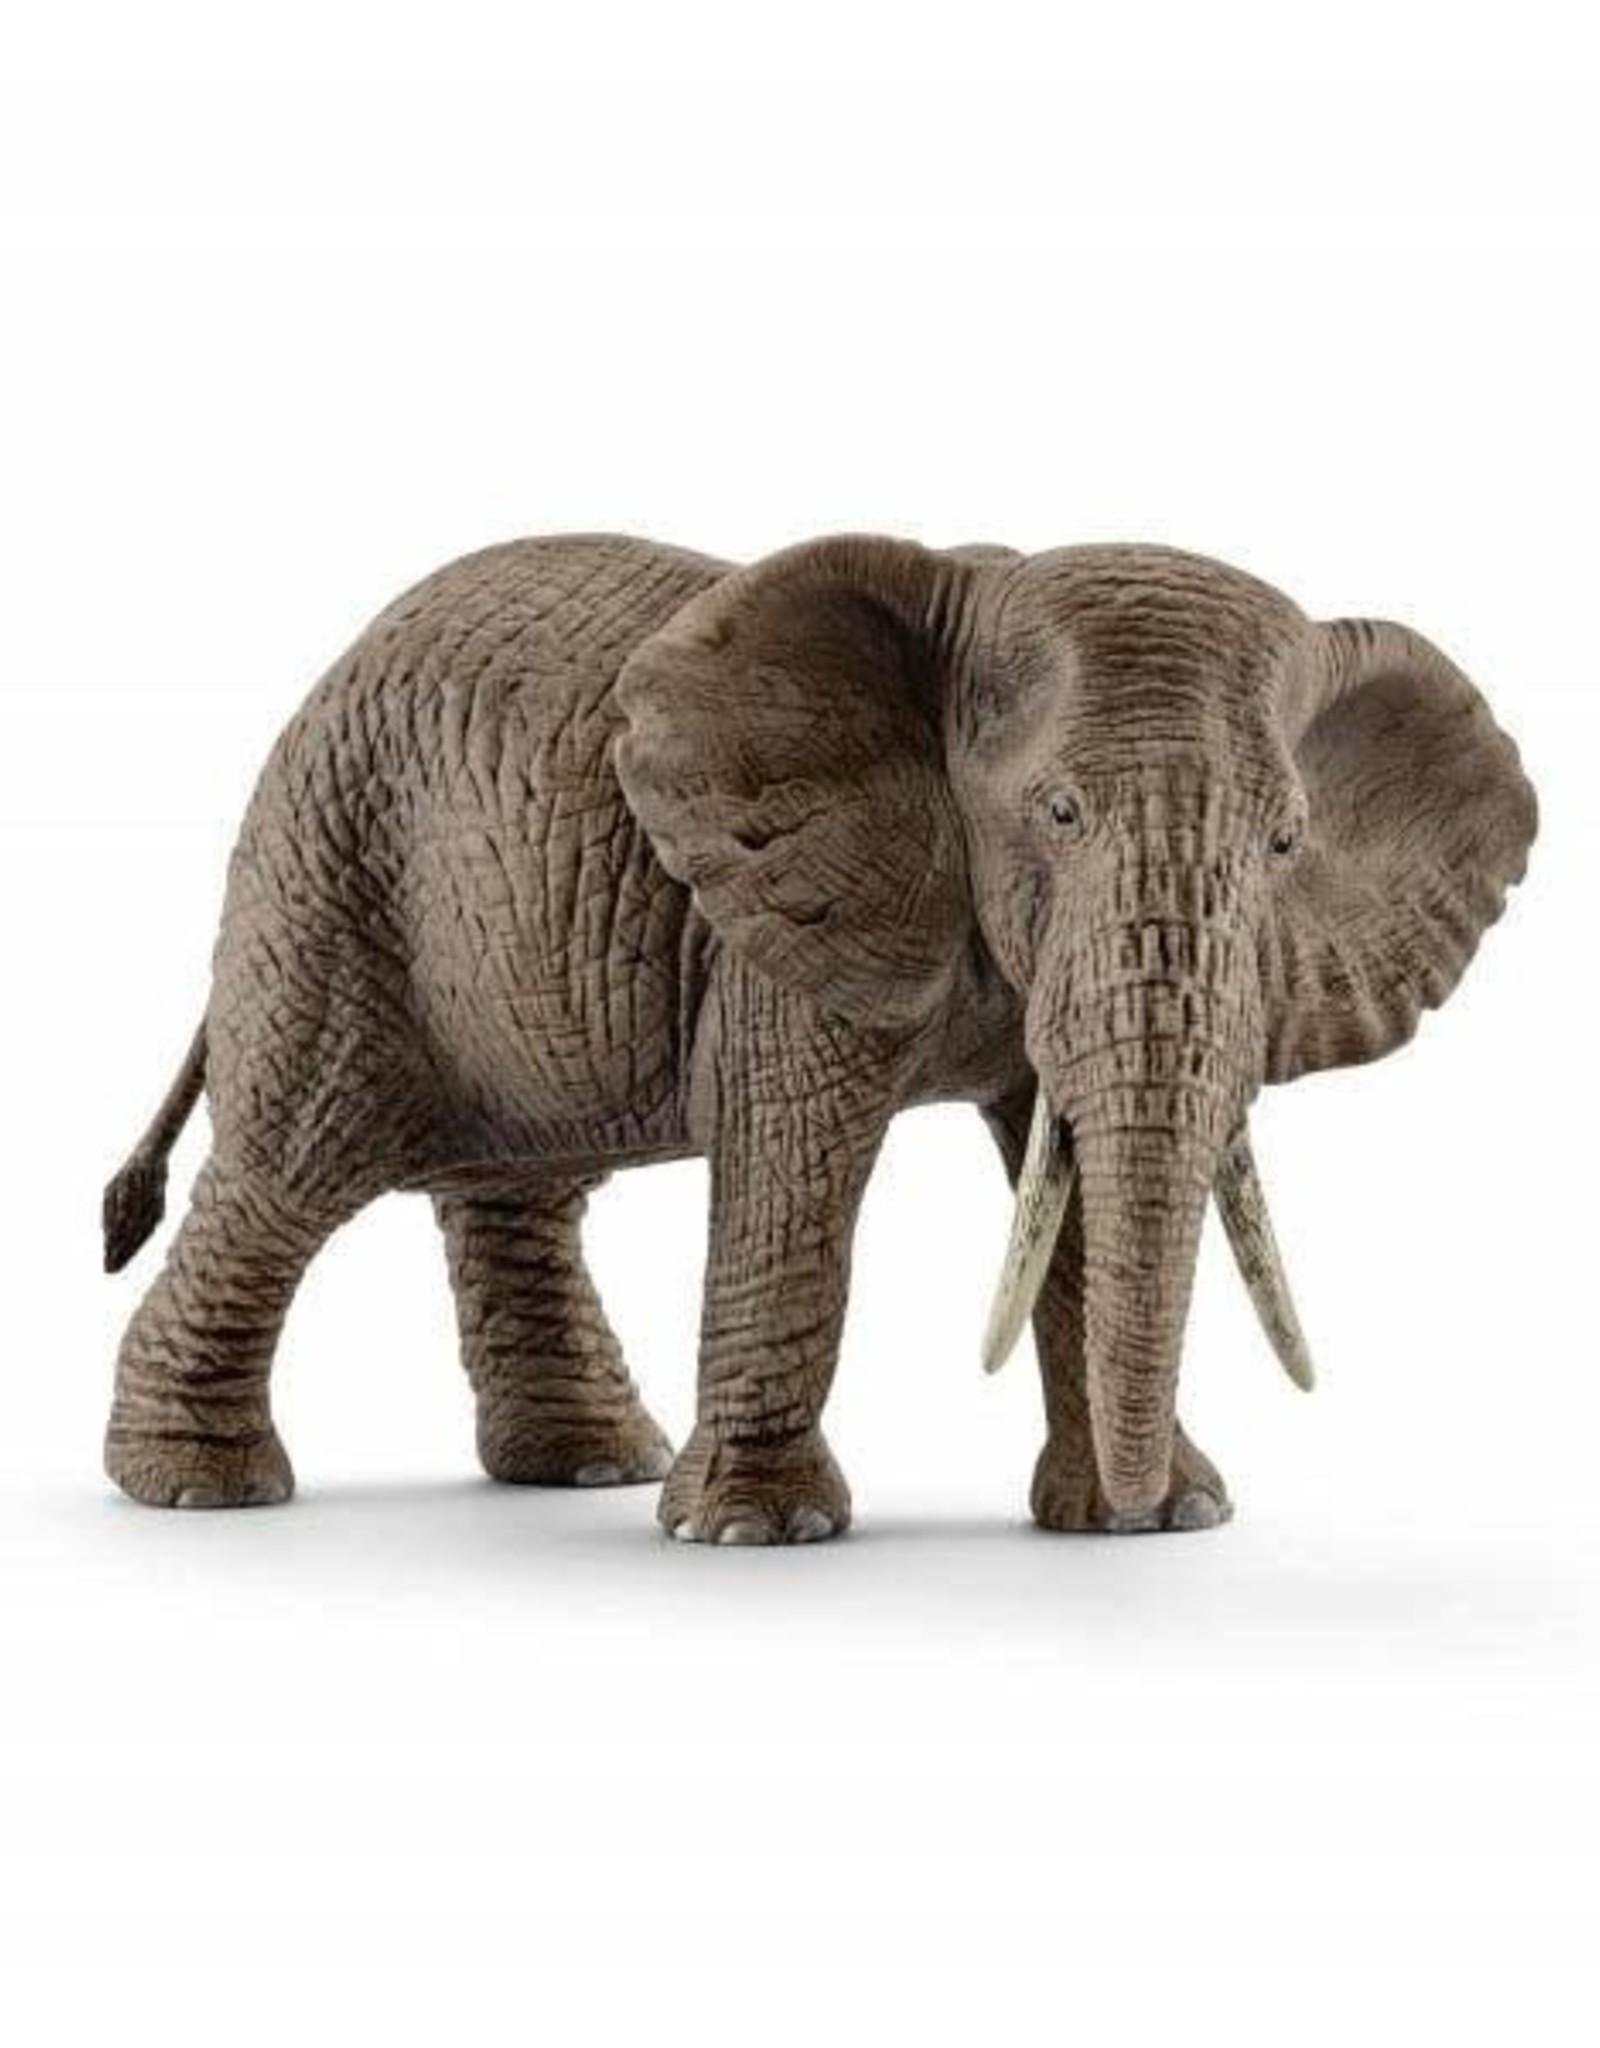 Schleich Schleich Wild Life - African Elephant, Female